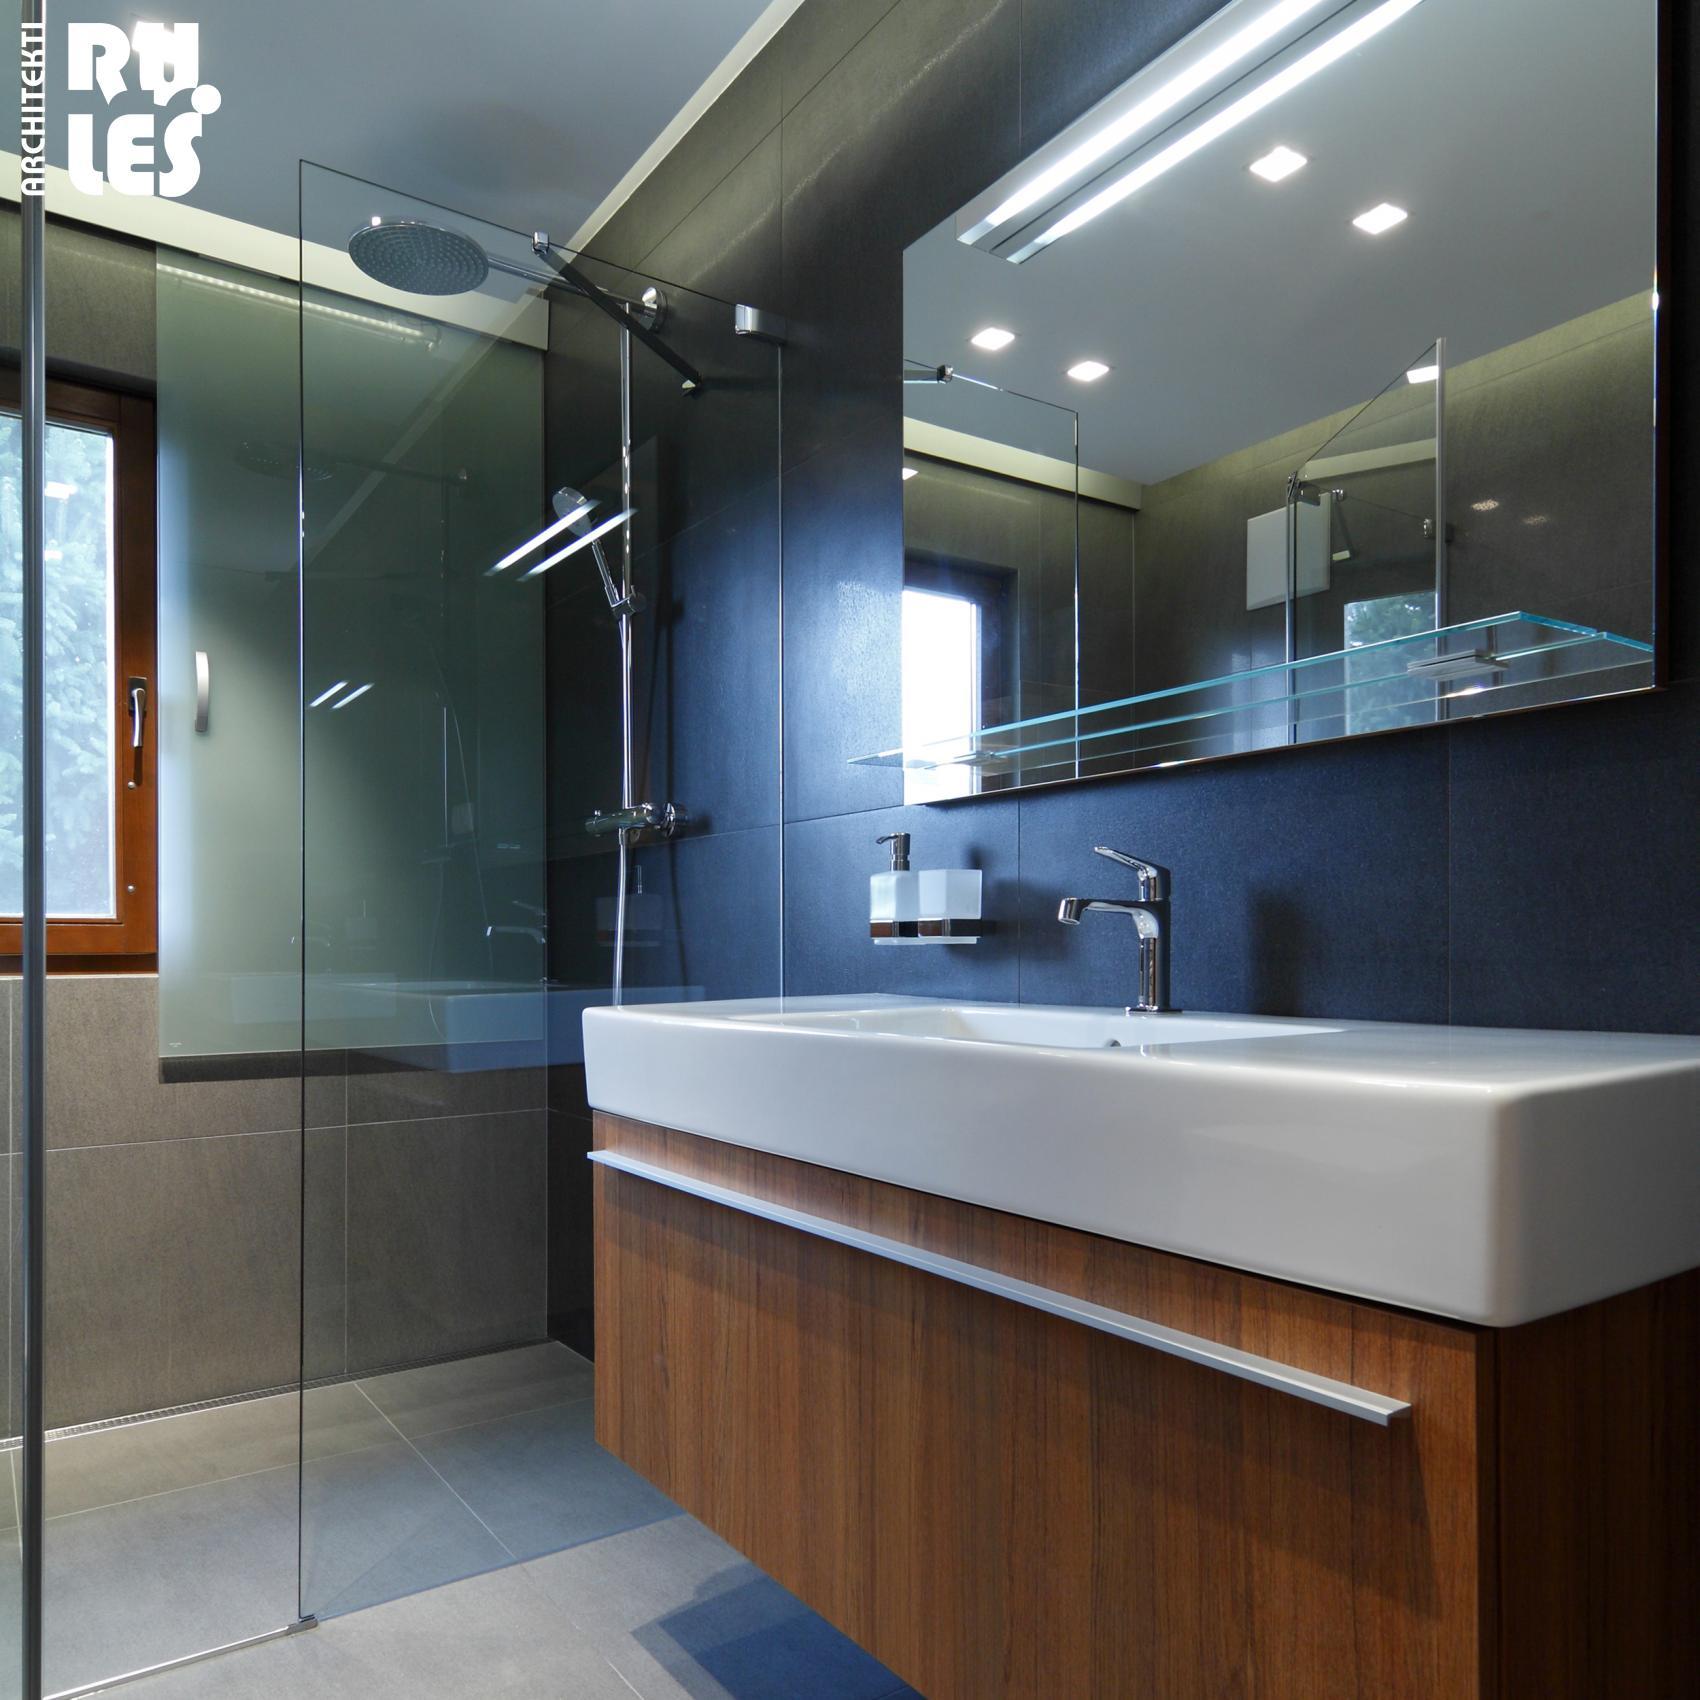 Duravit Bathroom Accessories